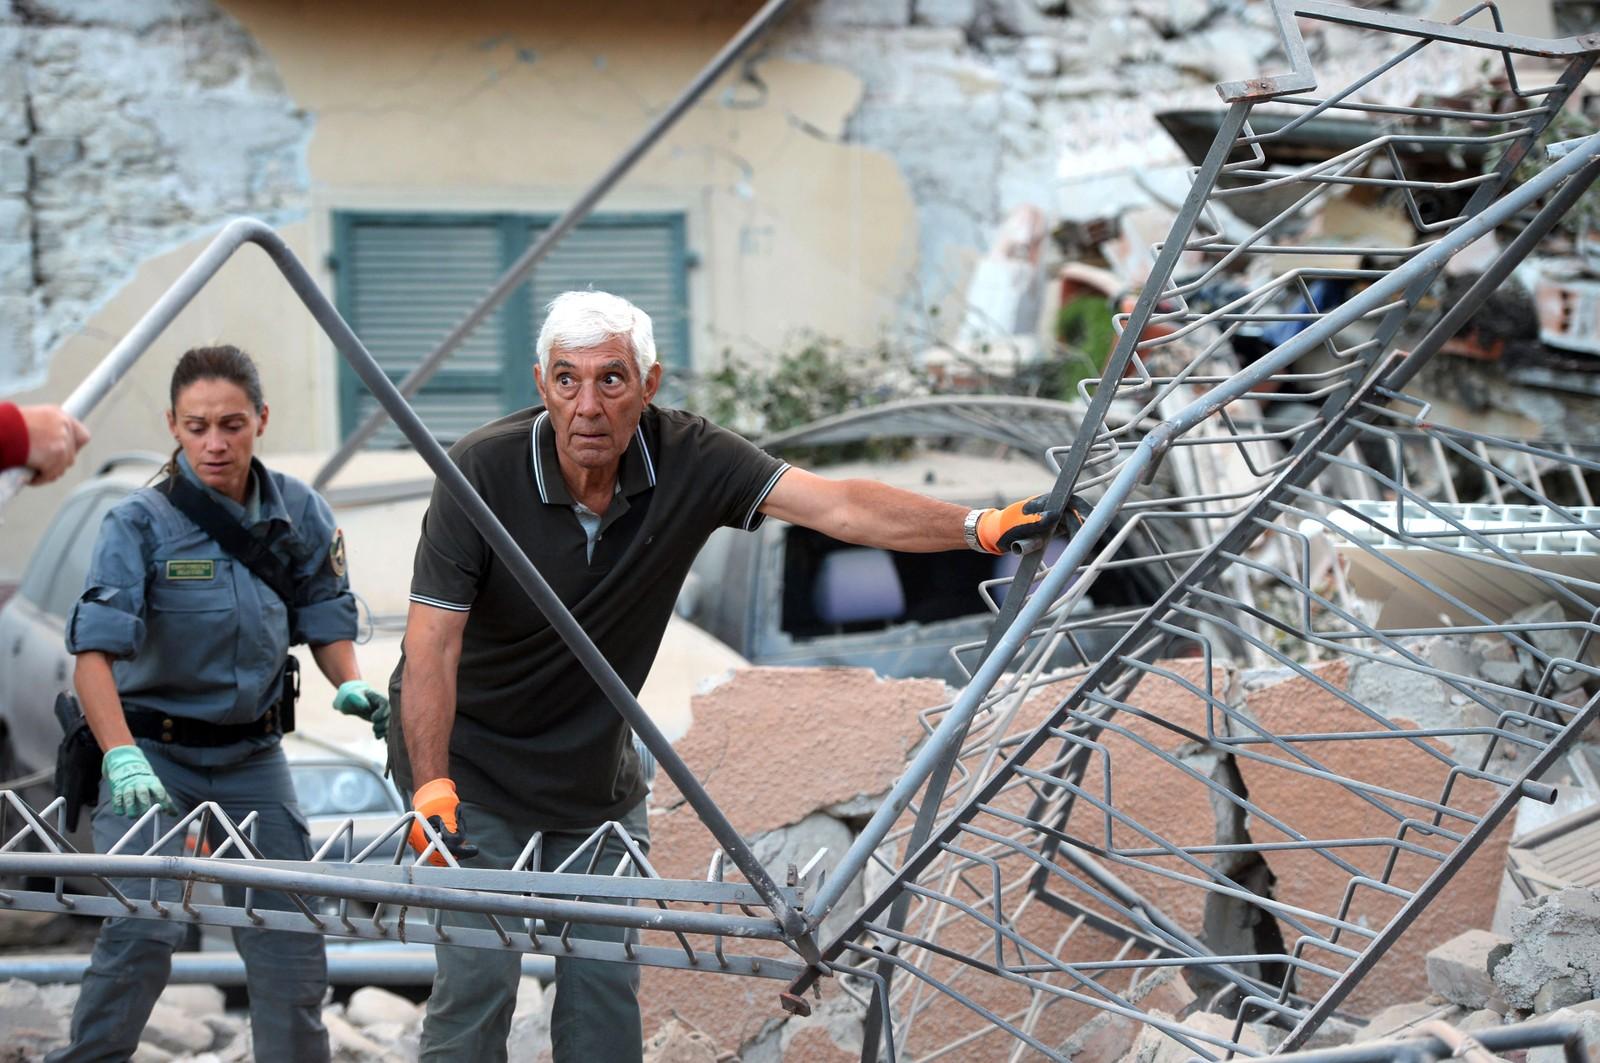 En huseier leter i ruinene sammen med en redningsarbeider.